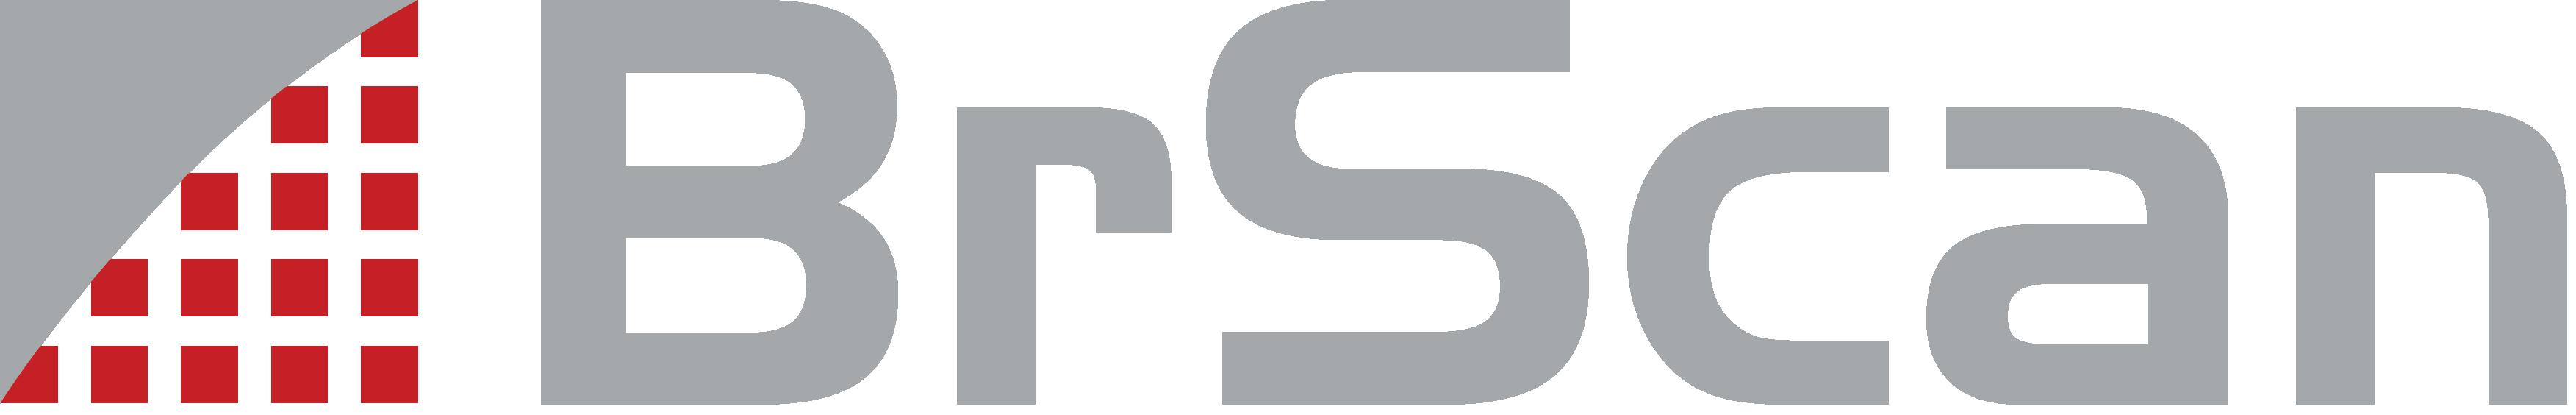 BrScan Processamento de dados e tecnologia